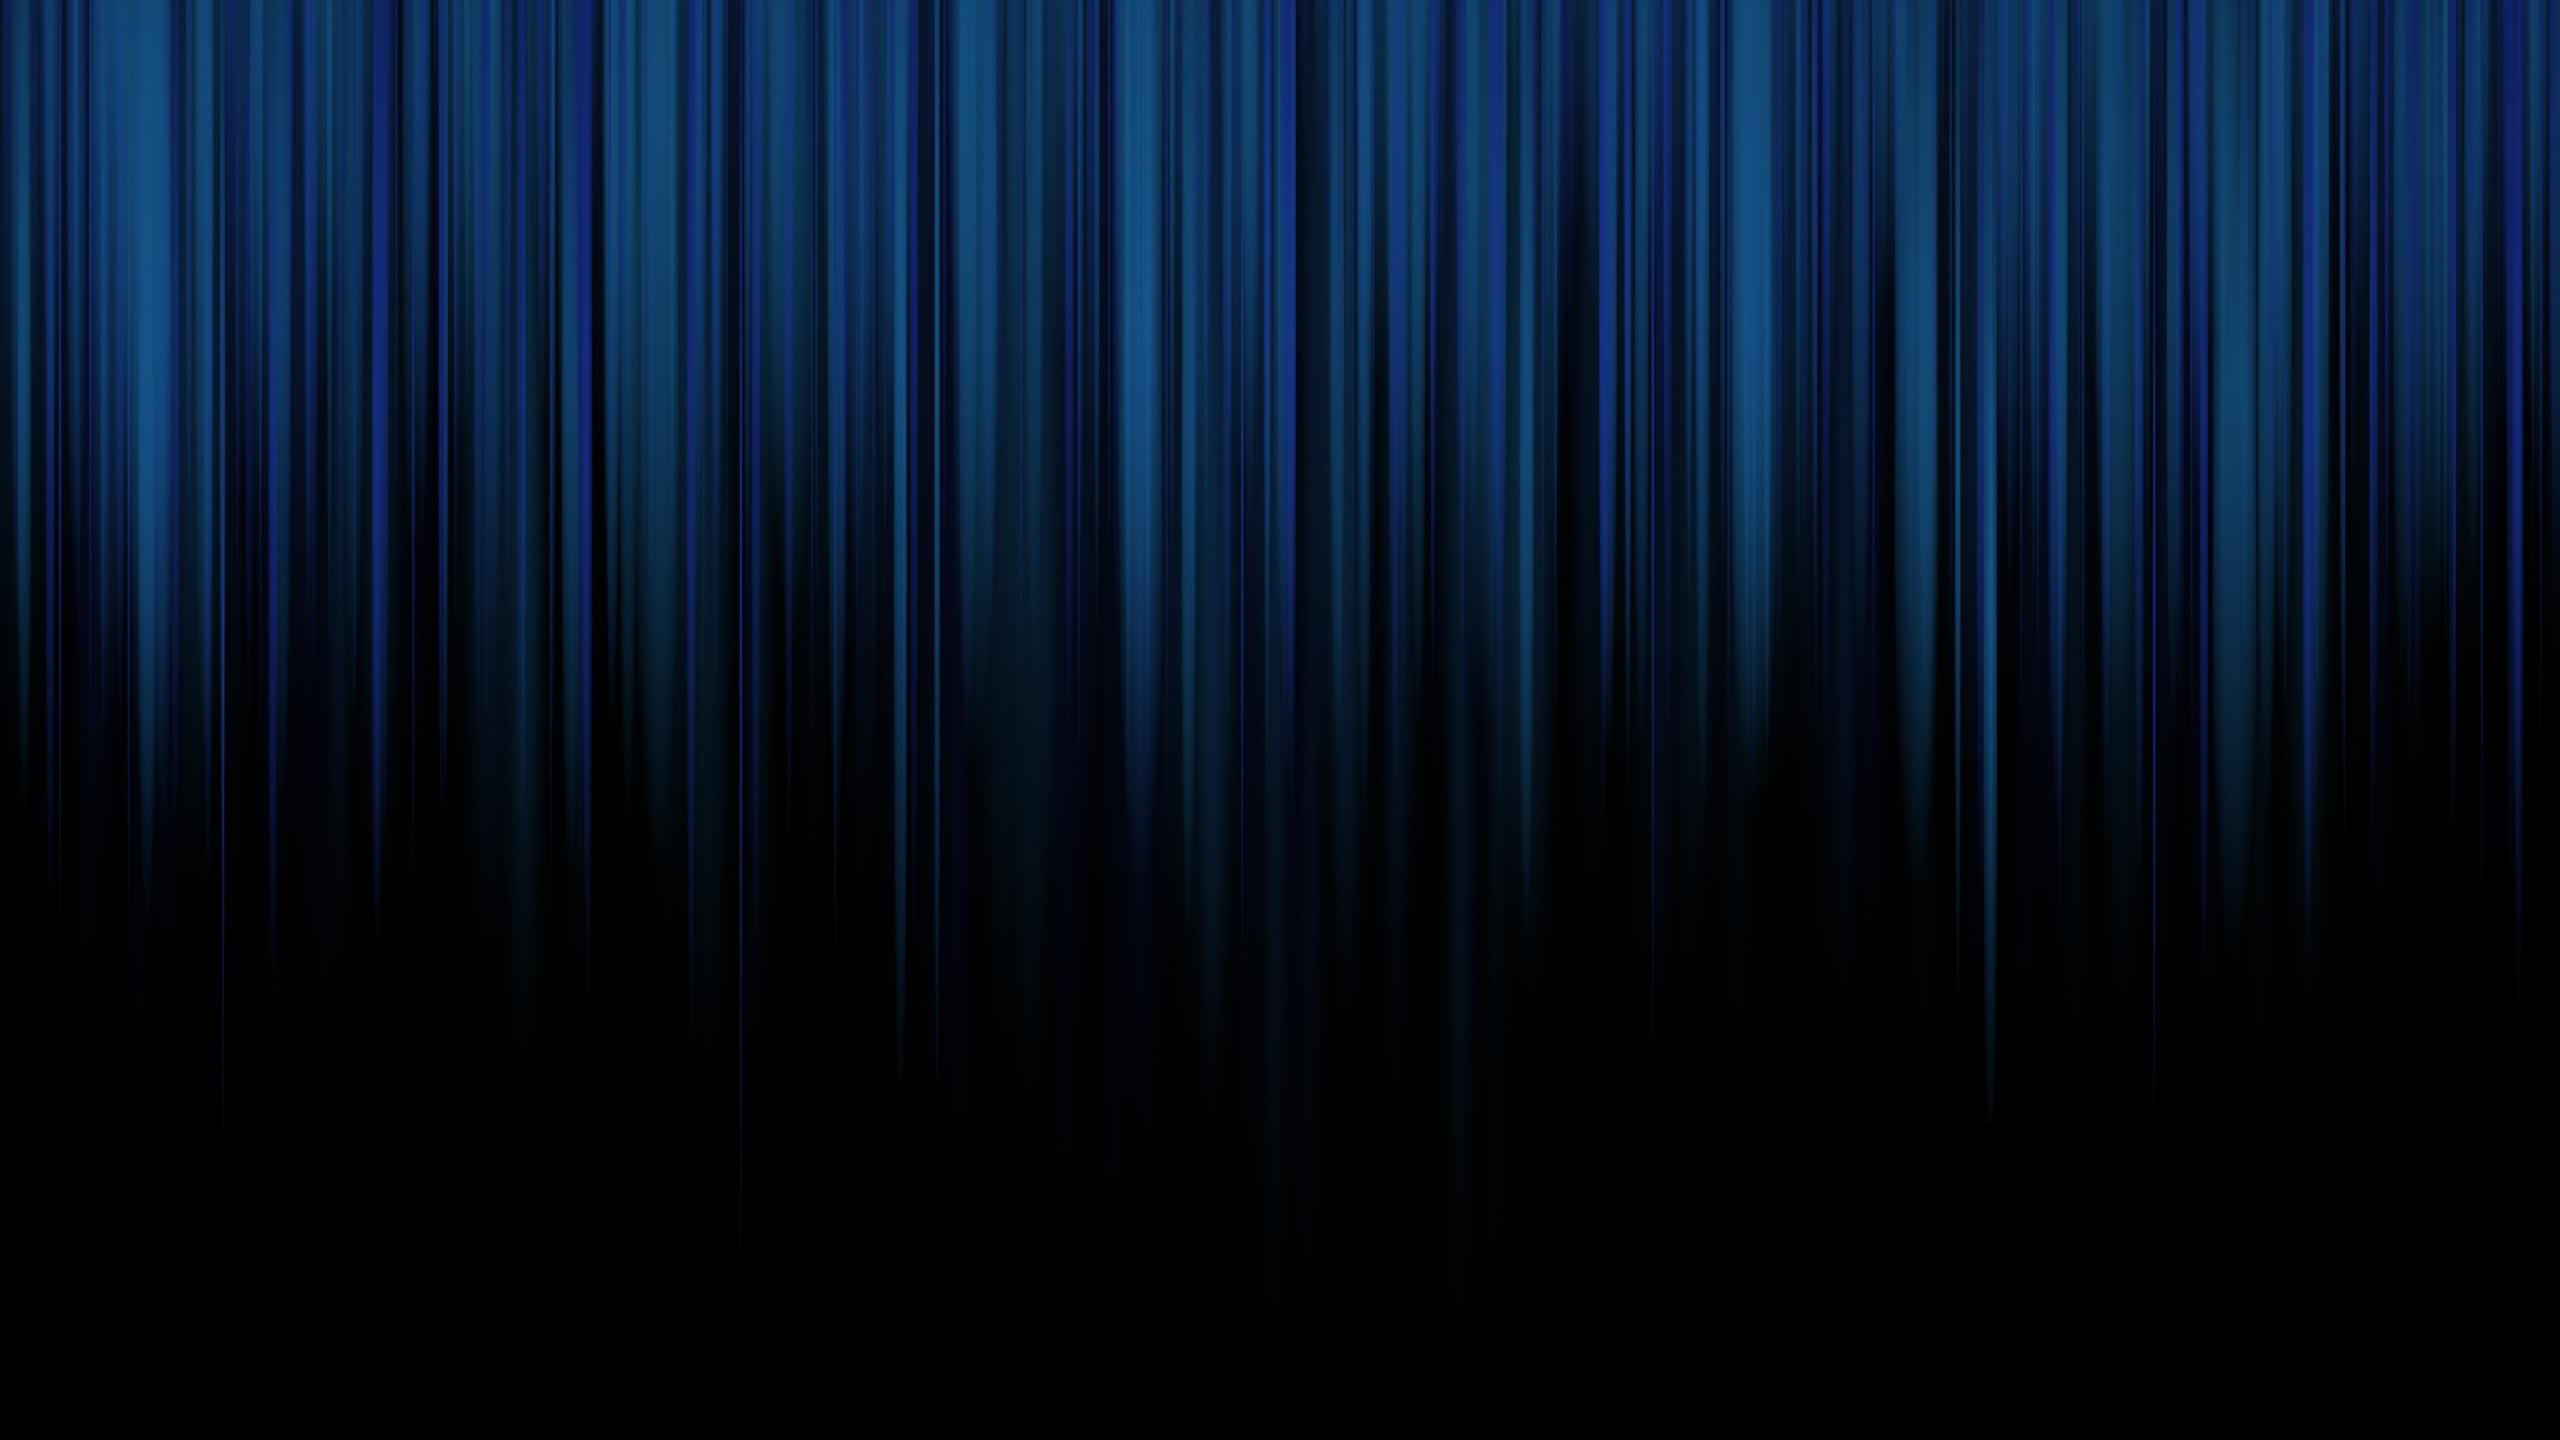 black wallpapers stripes blue wallpaper desktop 2560x1440 2560x1440